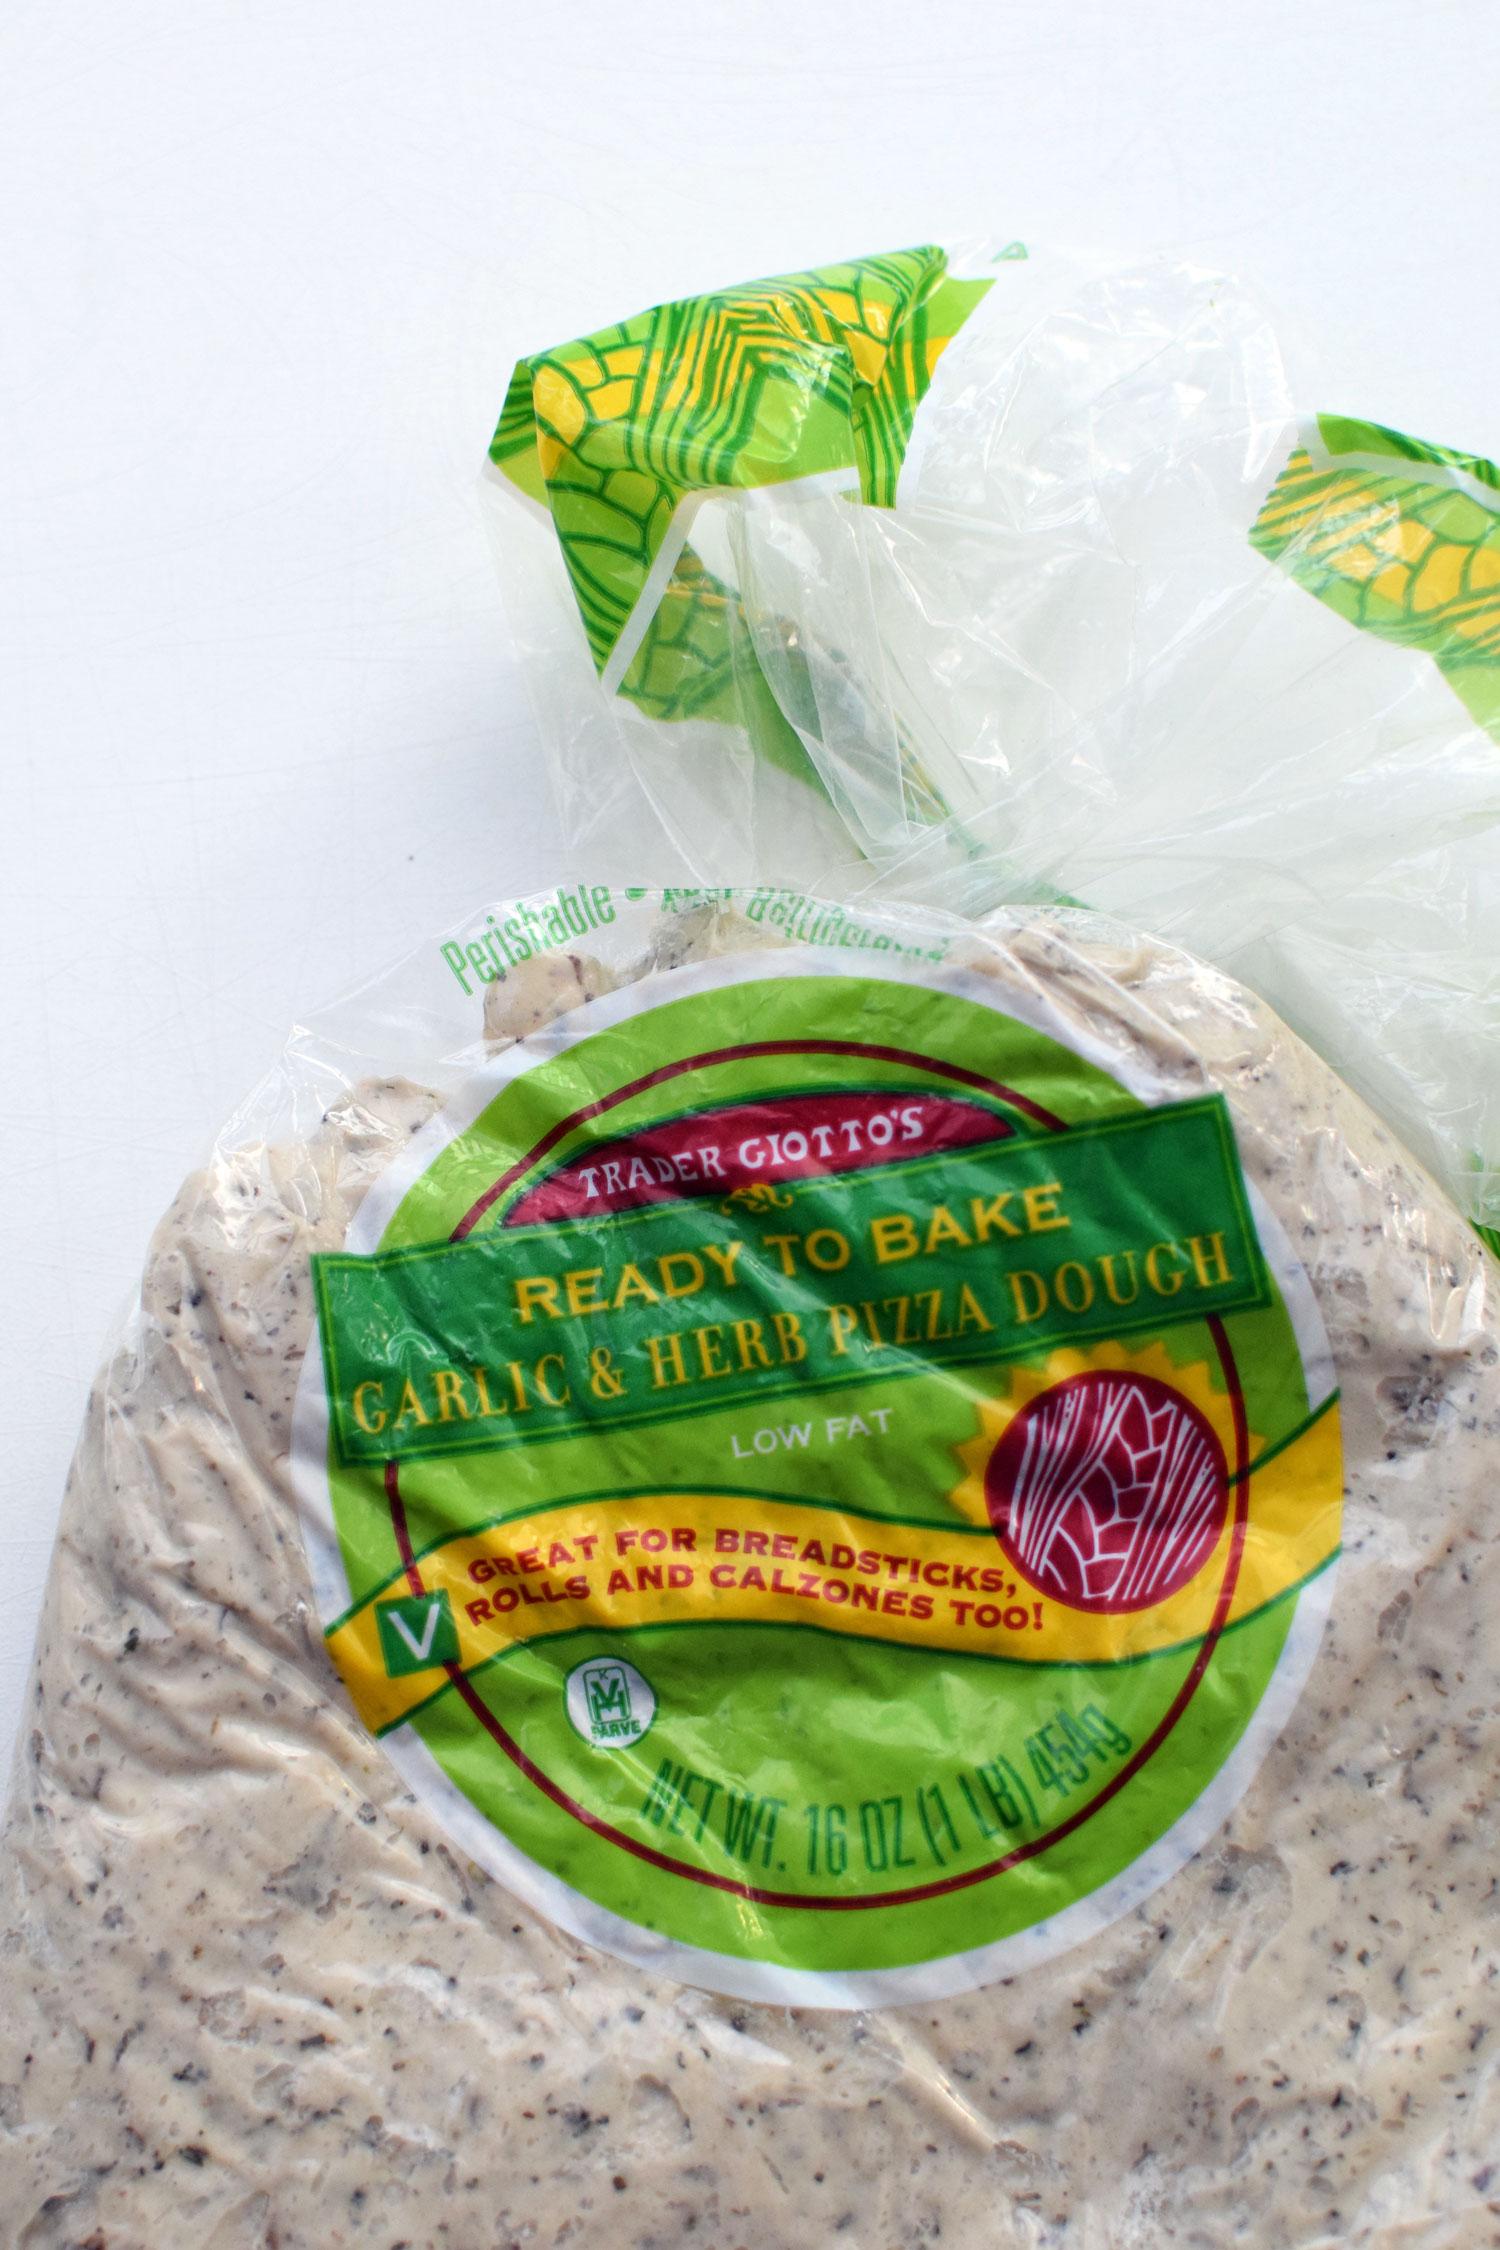 garlic-herb-crust